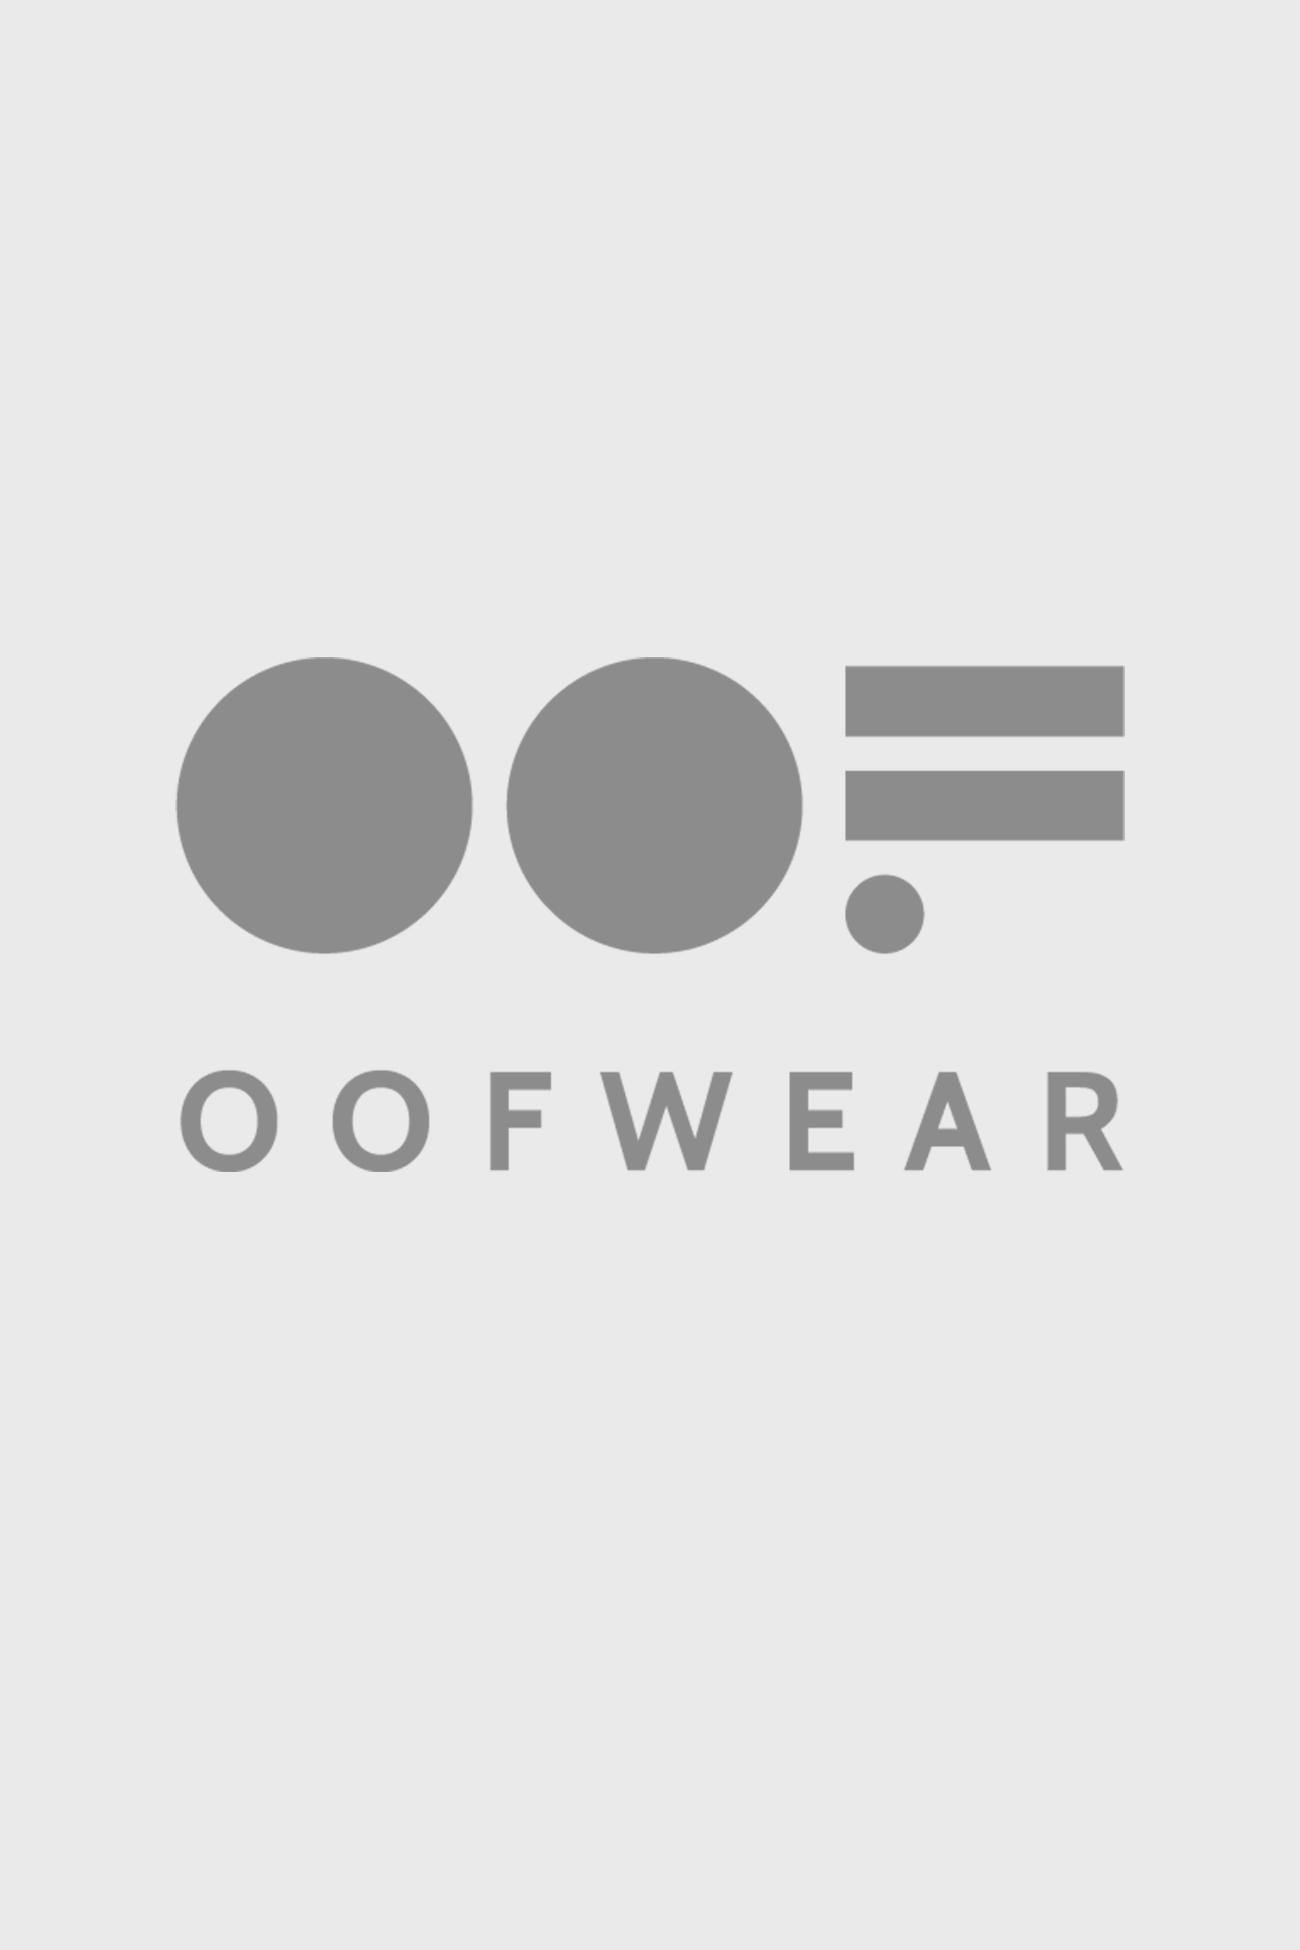 Sweatshirt 4001 in black cotton blend